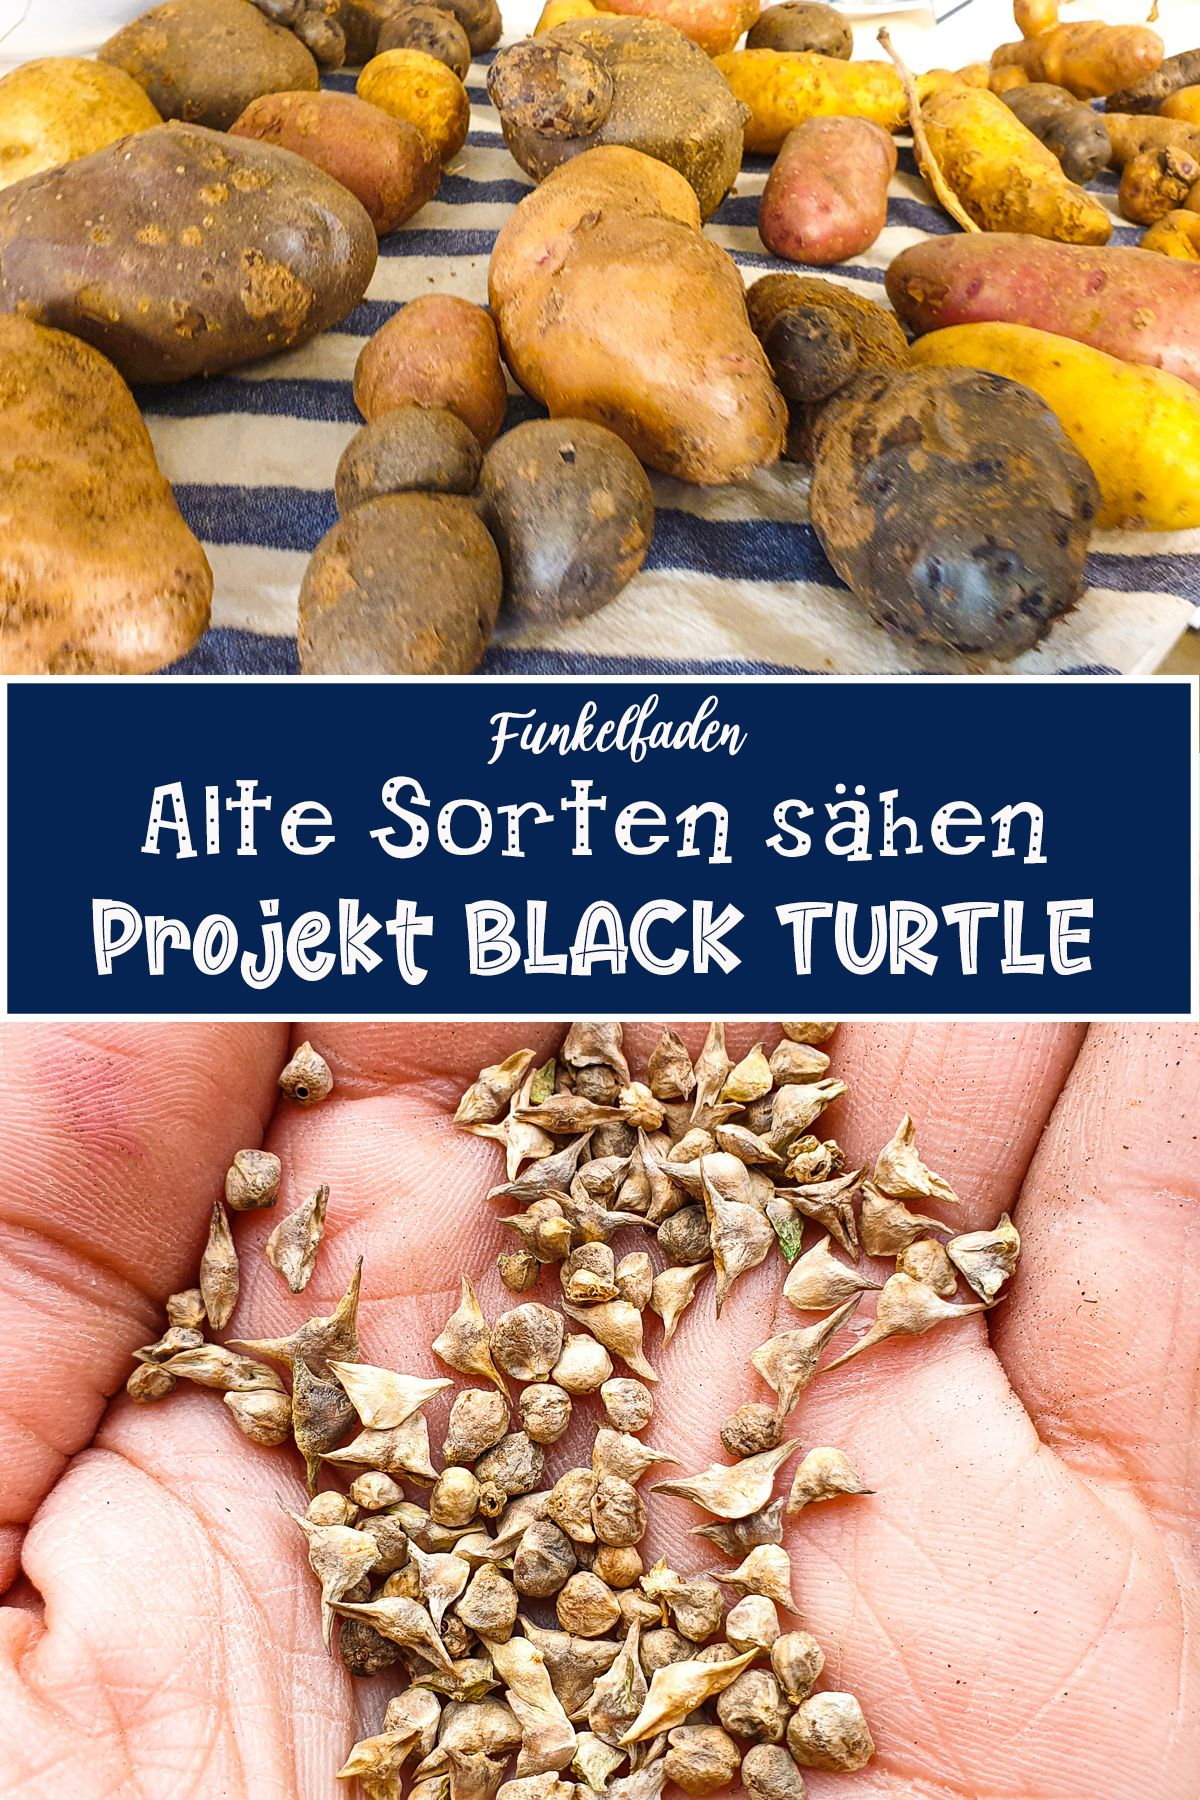 Projekt Black Turtle Altes Saatgut Im Garten Nachhaltig Pflanzen Pflanzen Bohnen Pflanzen Gartenarten